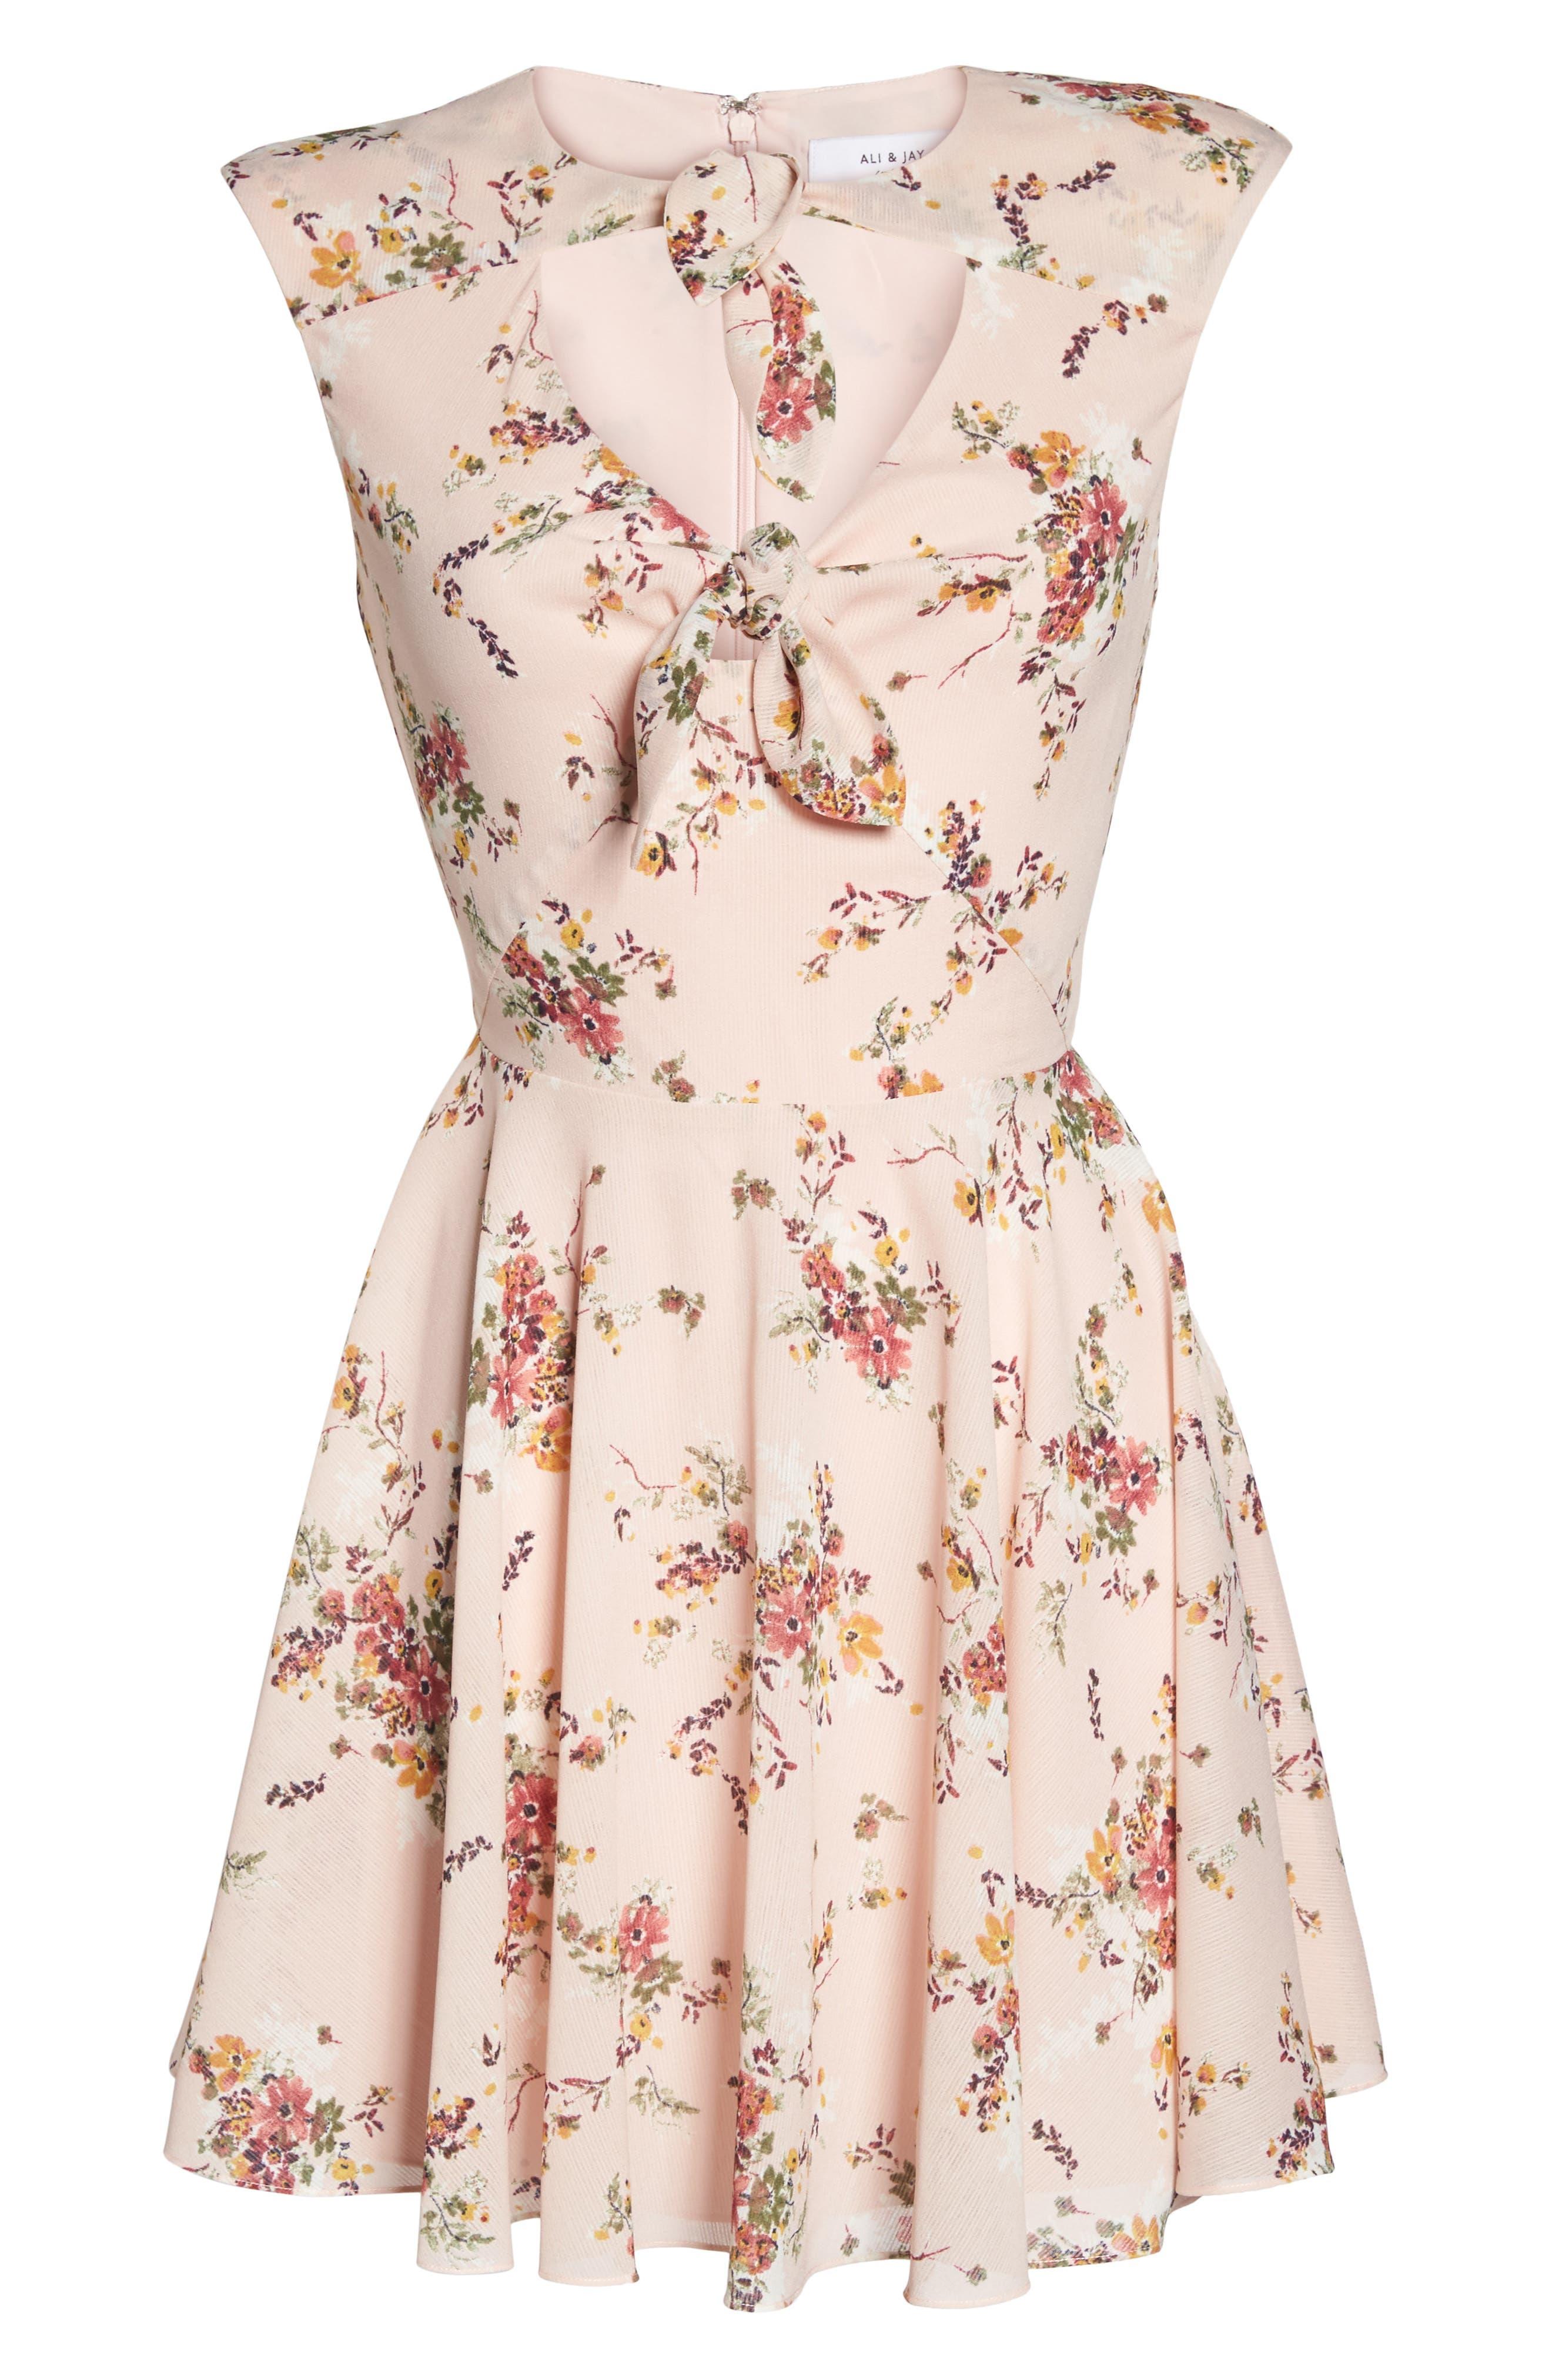 El Cid Floral Tie Front Minidress,                             Alternate thumbnail 7, color,                             Blush Vintage Bouquet